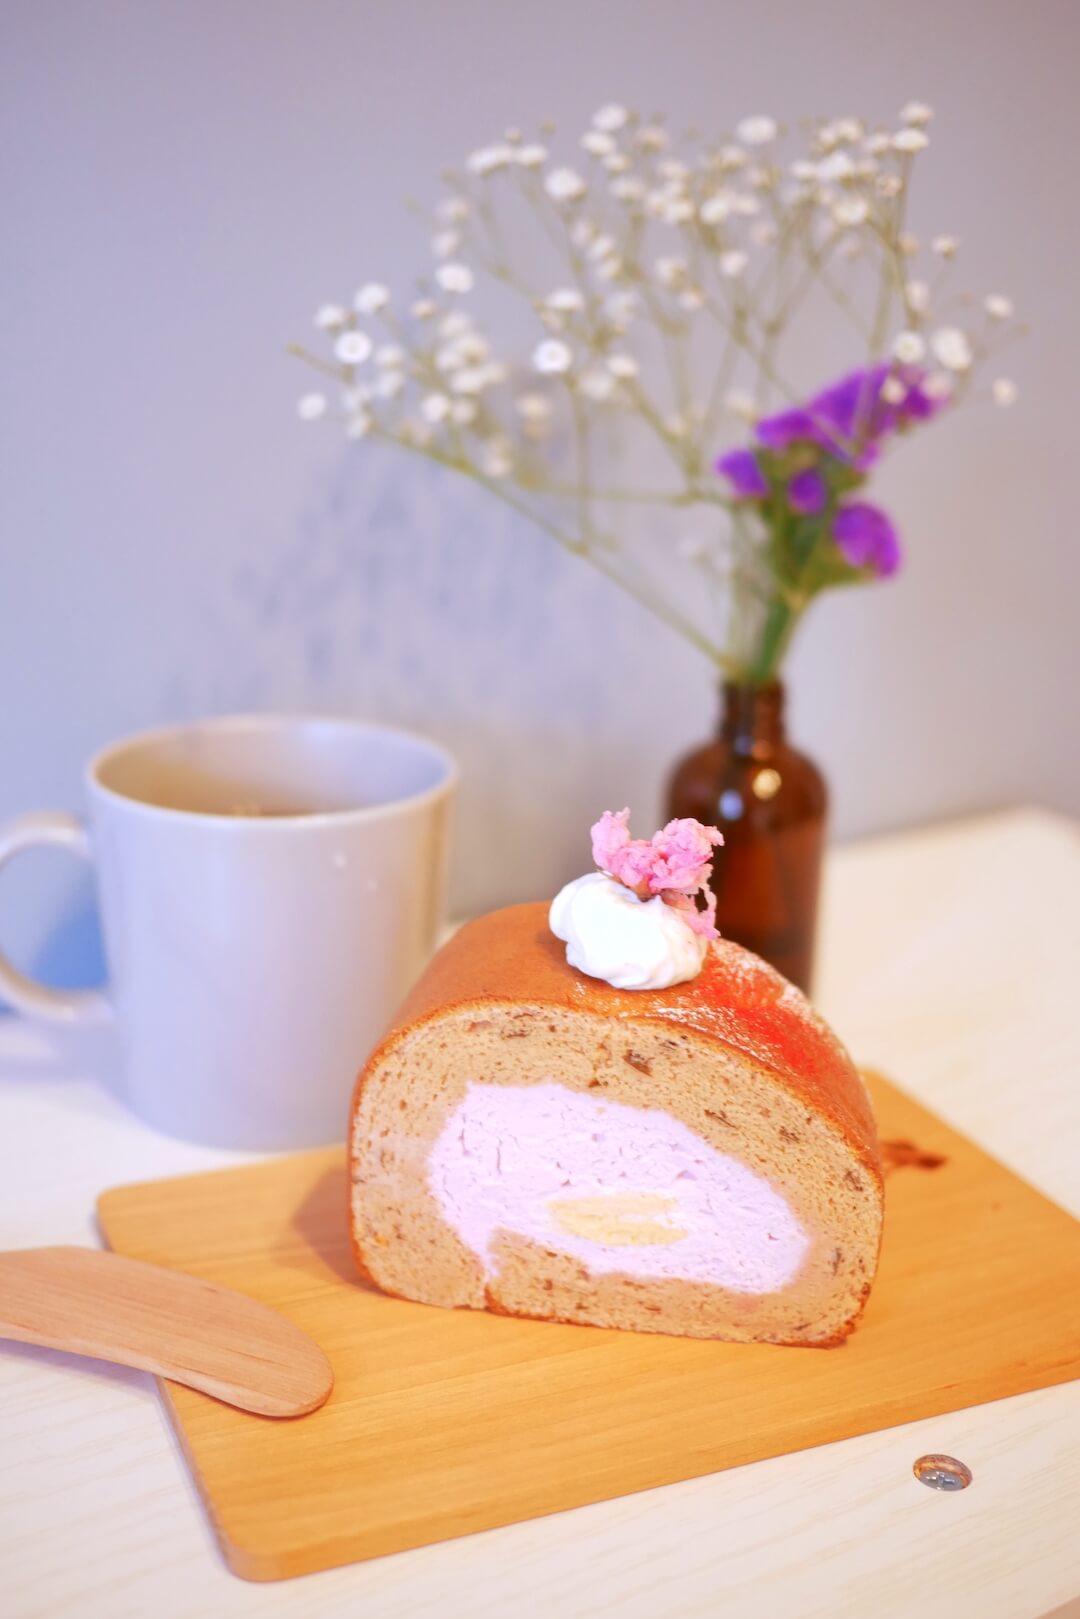 【羽島市】Patisserie Peu Connu(パティスリープーコニュ)岐阜ケーキ屋さん スイーツ巡り カフェ テイクアウト